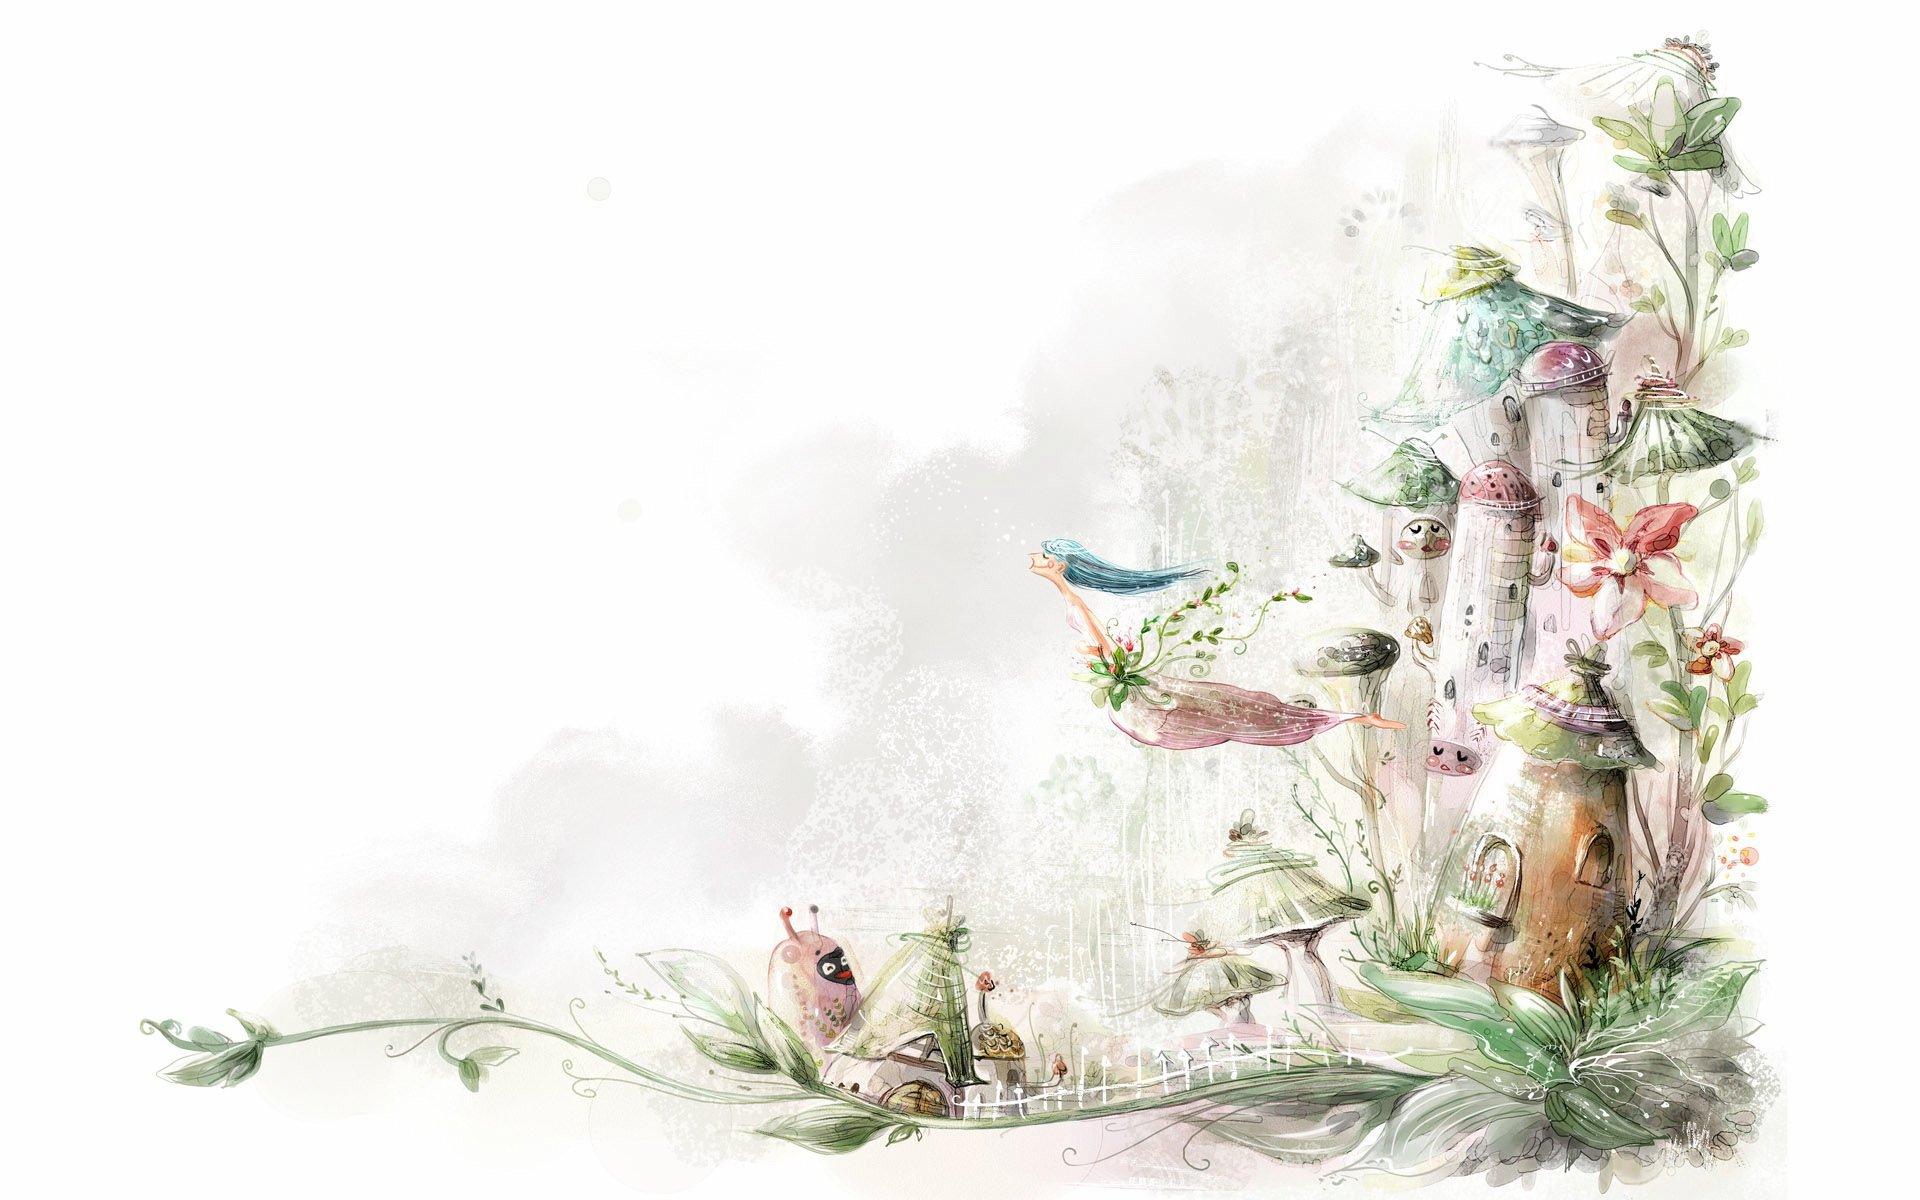 wallpaper: Digital Drawings Wallpapers